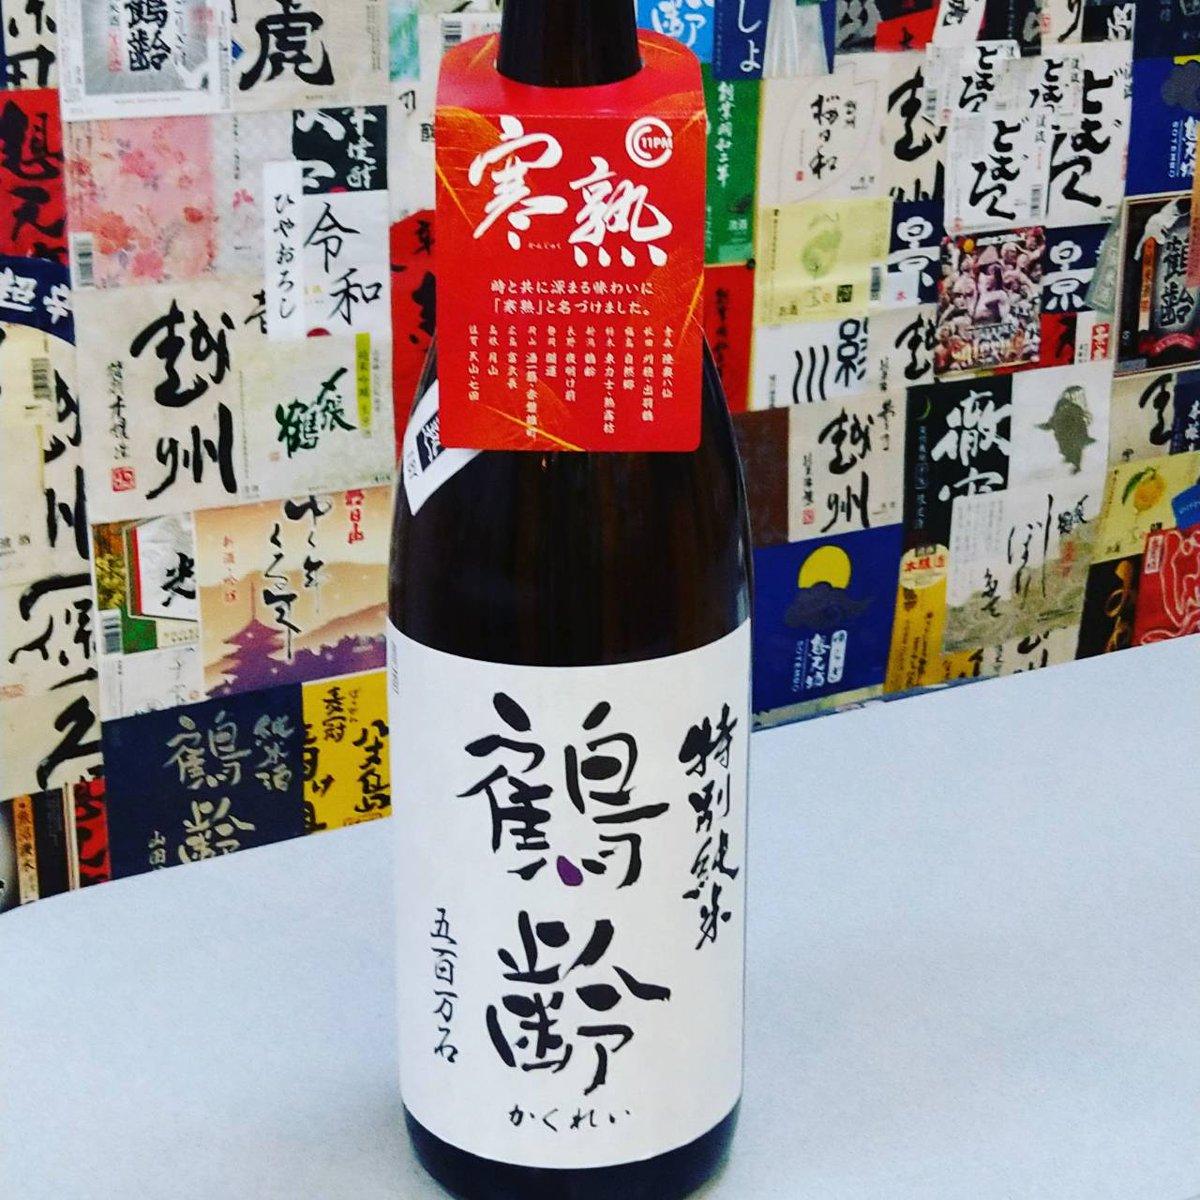 test ツイッターメディア - 五十嵐酒店さんより美味しい日本酒入荷しております  『鶴齢 特別純米酒 五百万石 寒熟』  じっくりと低温貯蔵し完熟を迎えた特別純米酒  馬刺のお供にいかがでしょうか?  数量限定ですのでお早めにご賞味ください https://t.co/XgJTFwY0S8 https://t.co/apTiQ59vNX